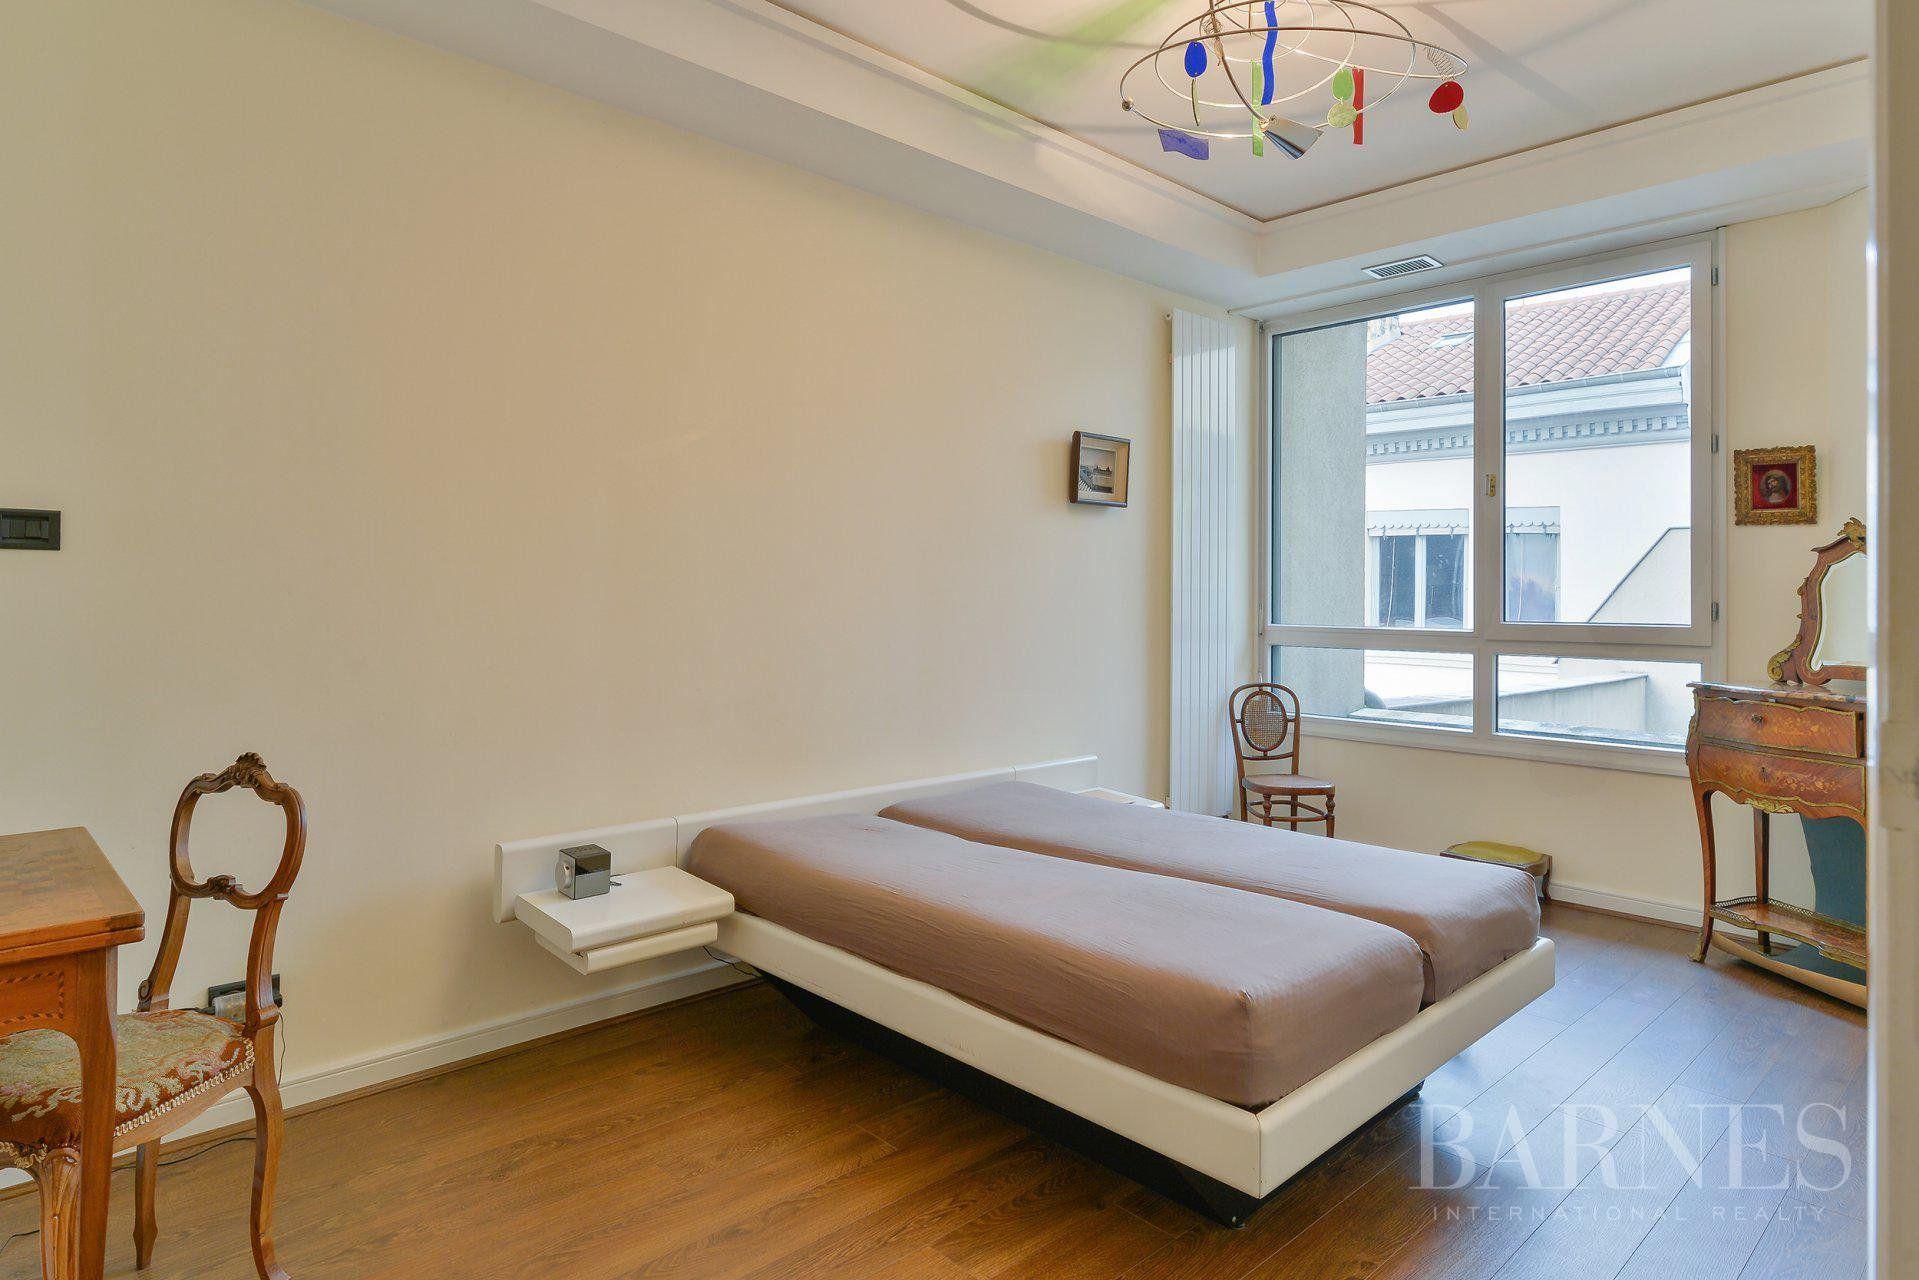 Lyon 1 - Opera - Apartment of 114 sqm - 2 bedrooms